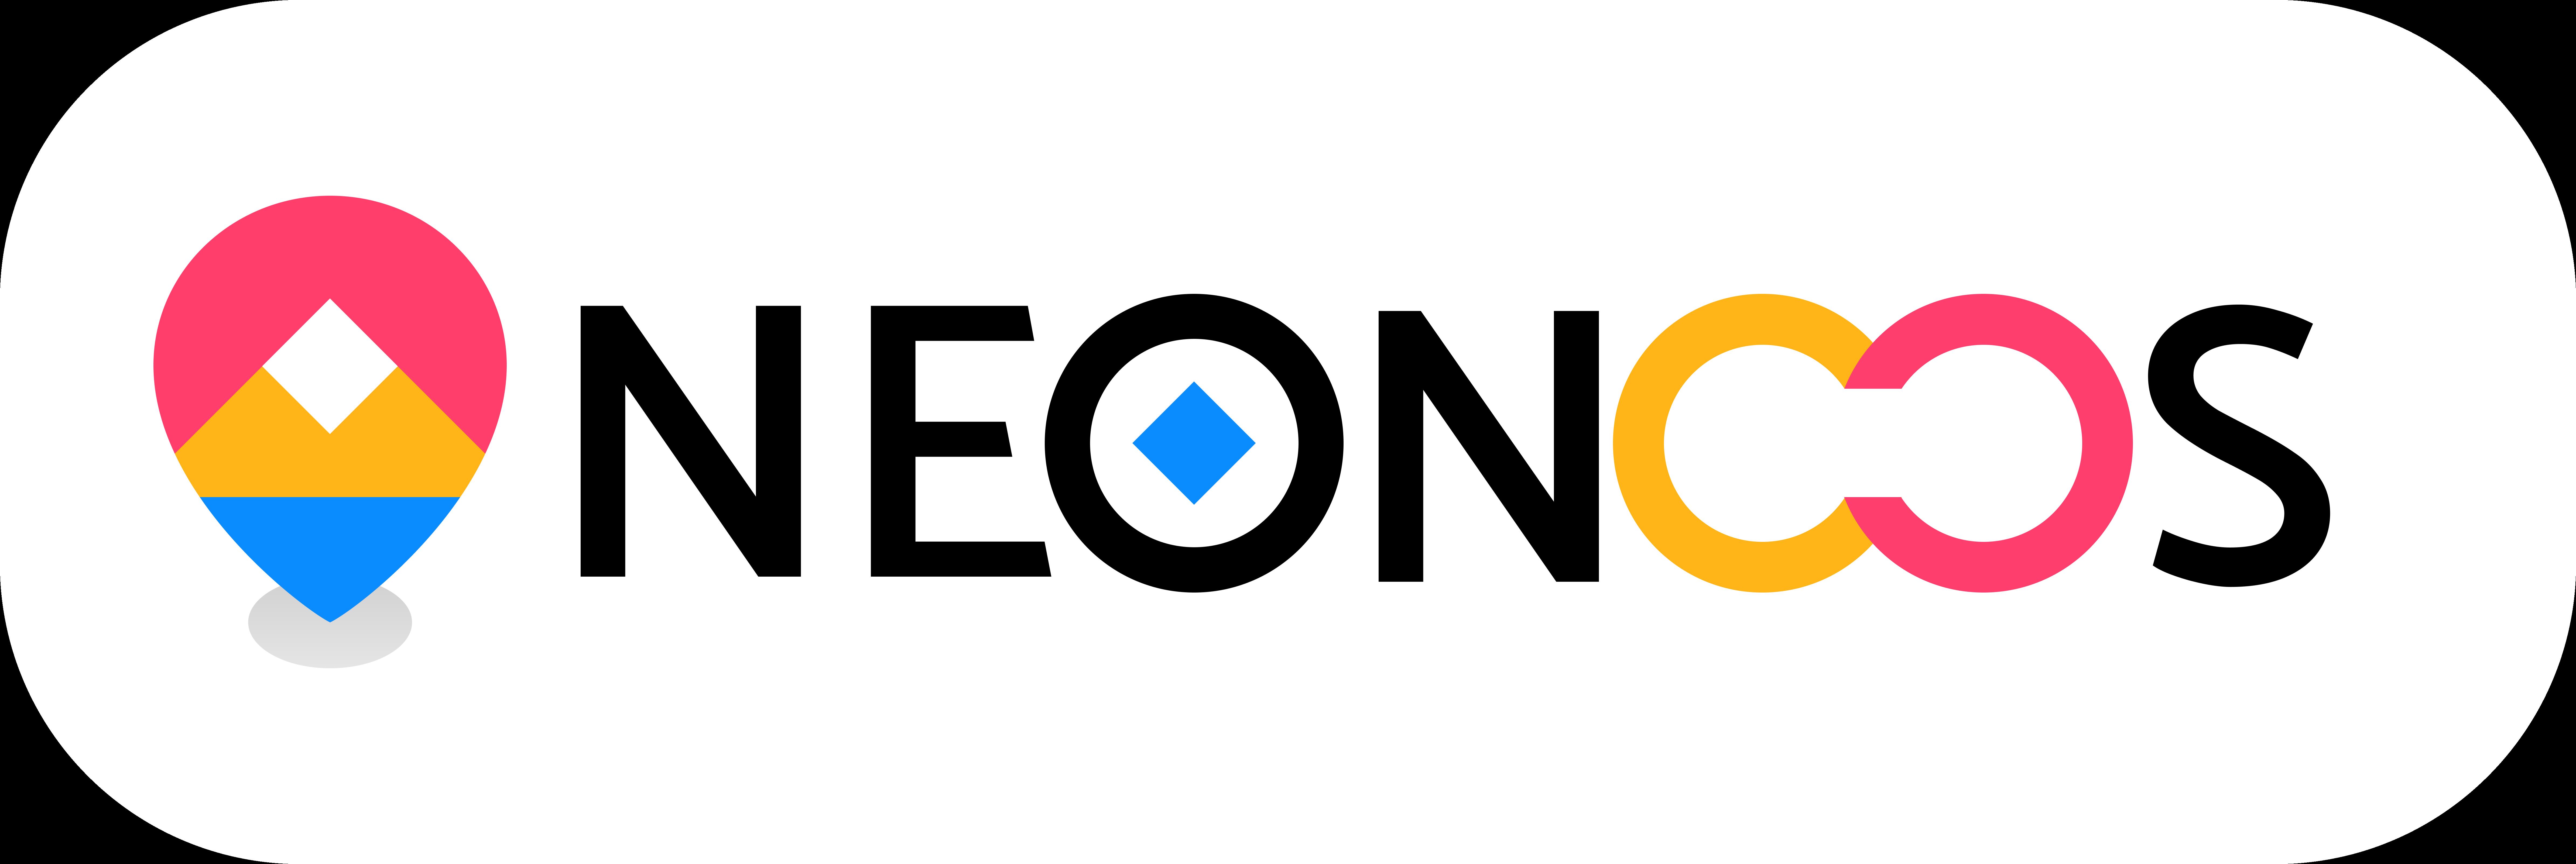 Neonoos